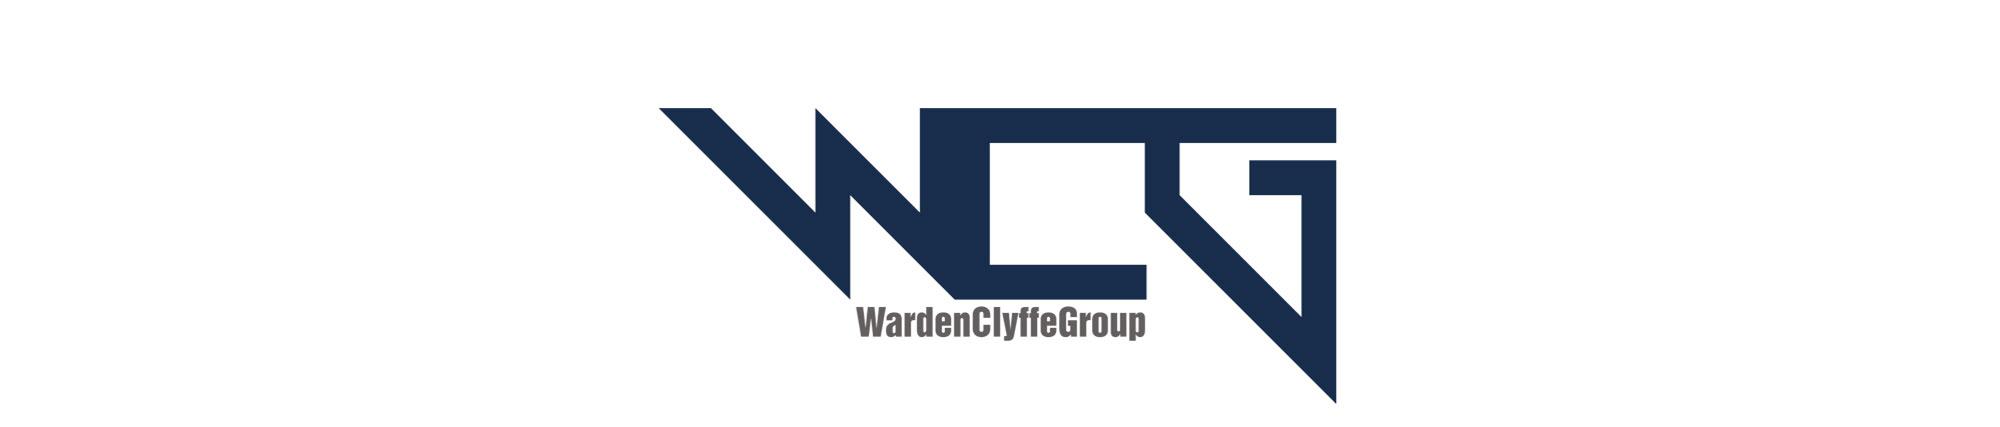 wardenclyffe logo 4